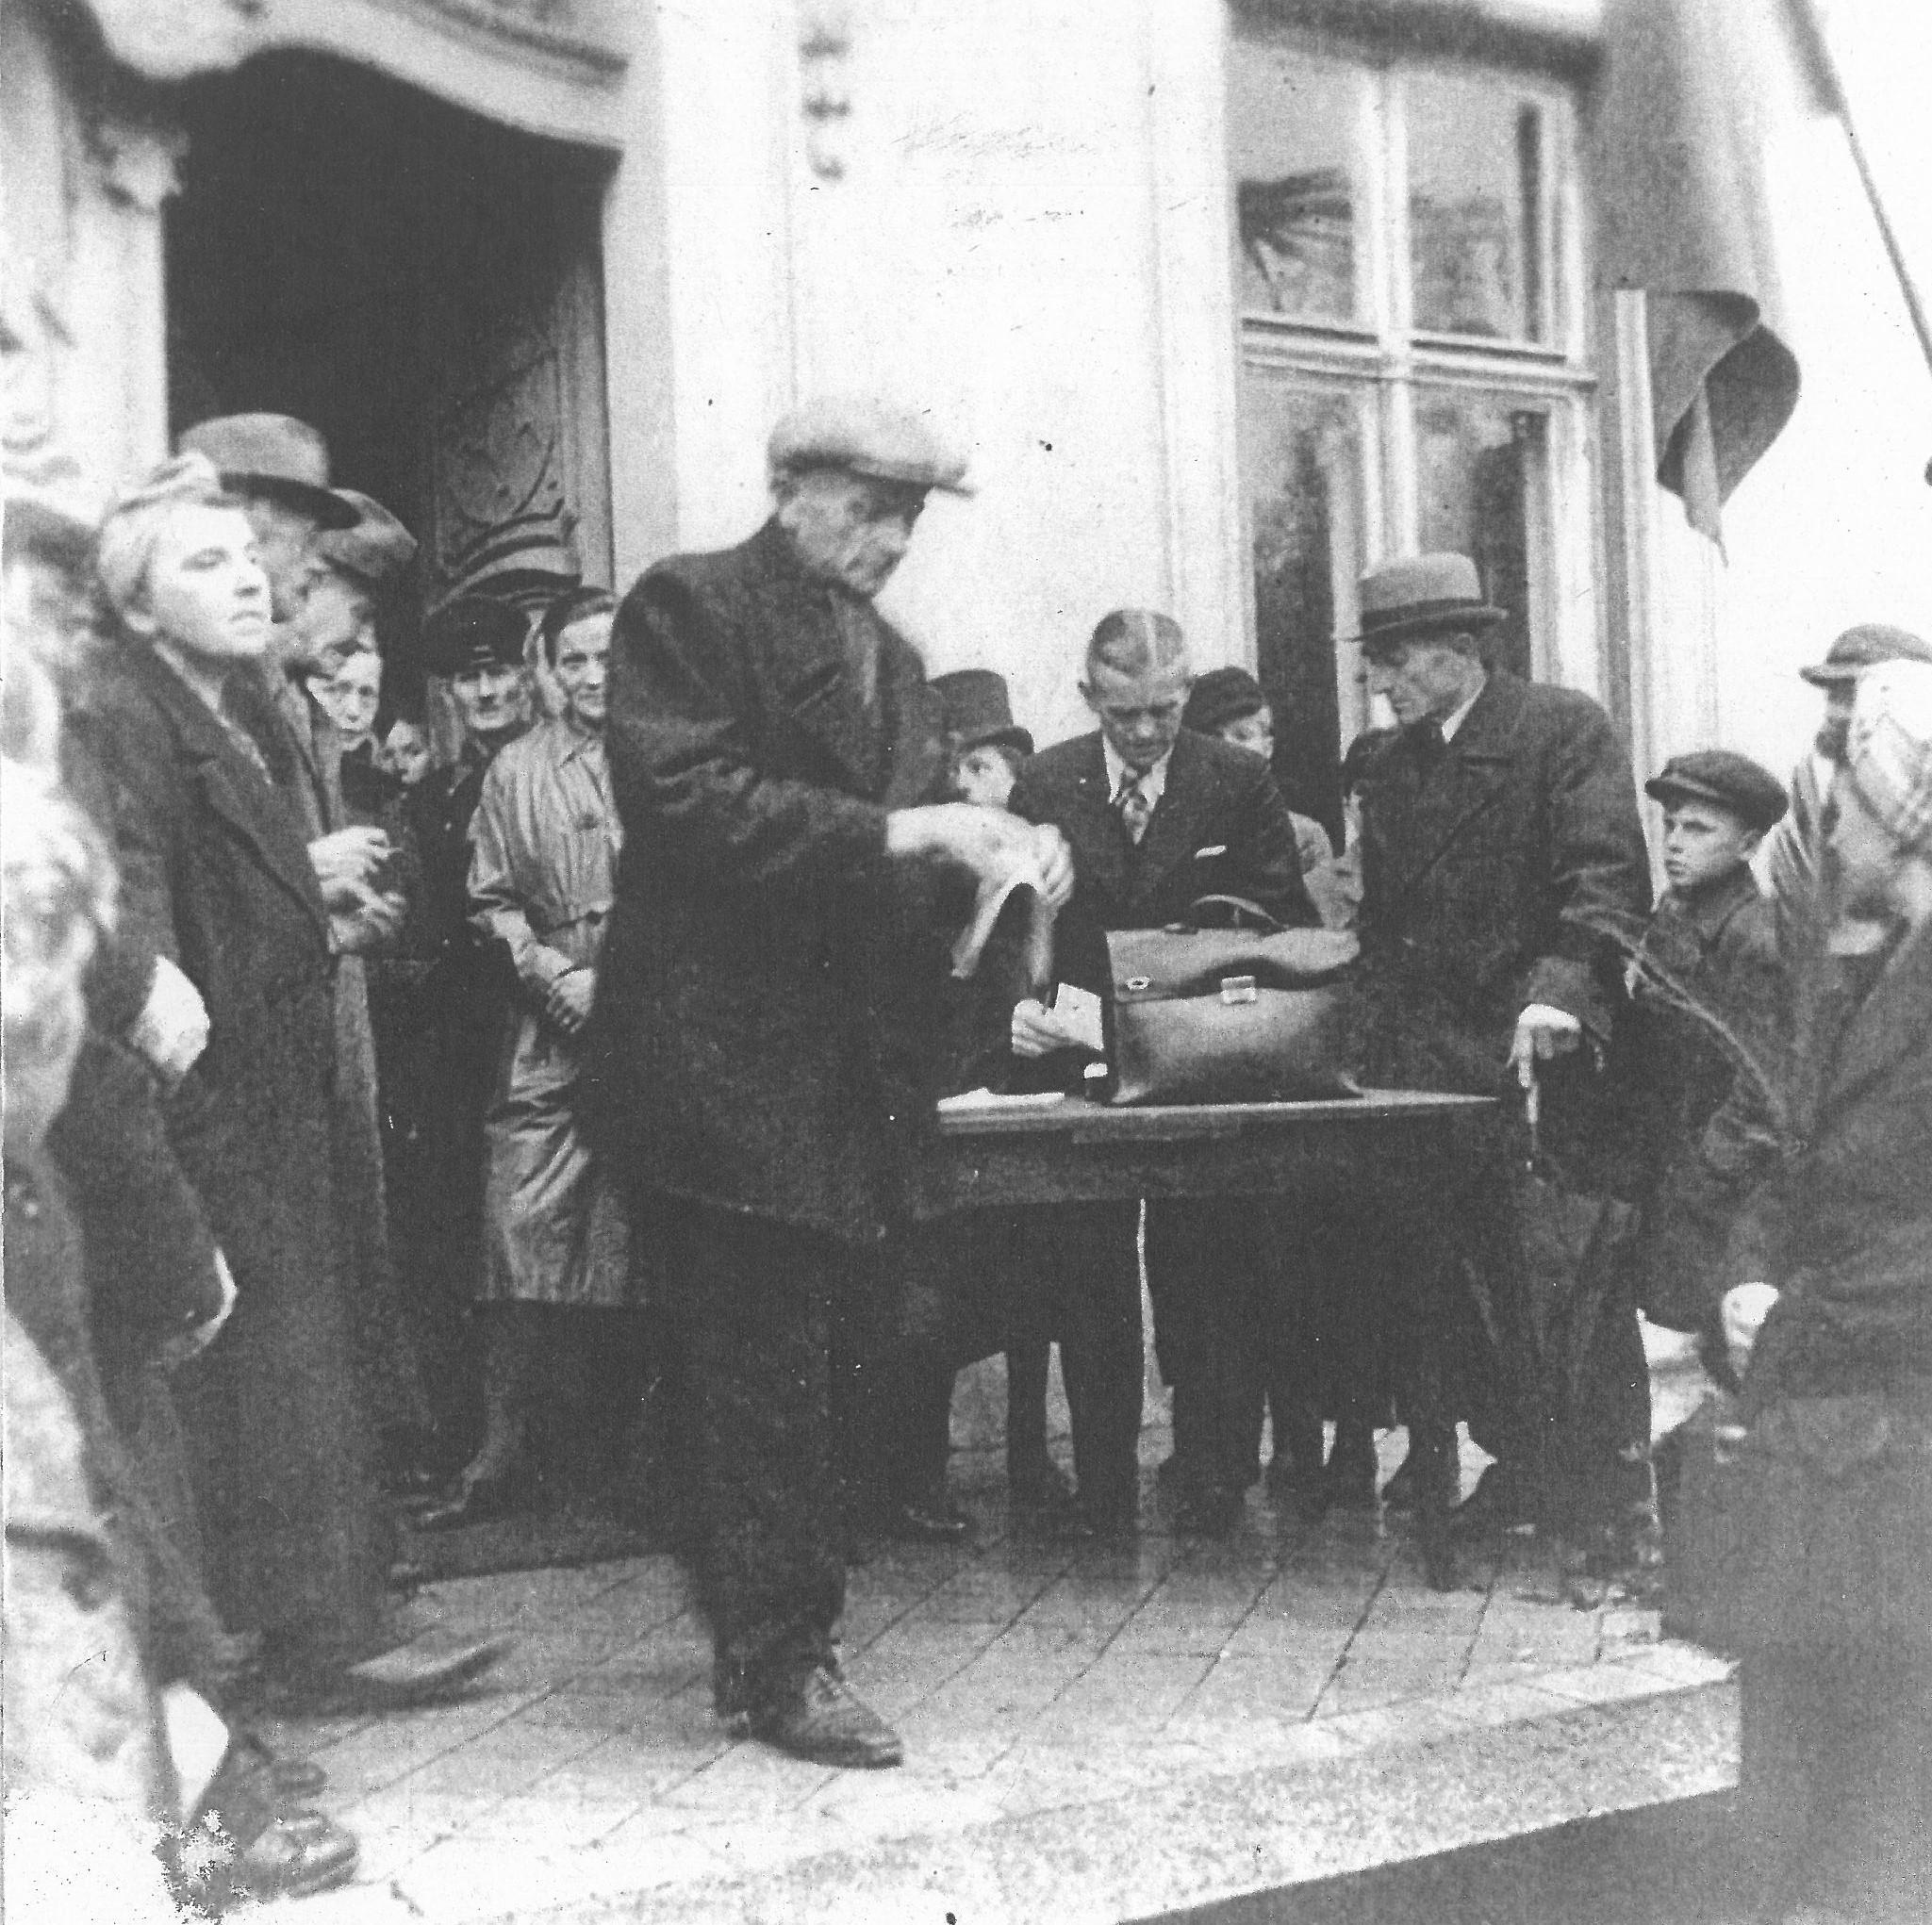 Cottbuser Bürger vor dem Eingang zum Branitzer Schloss 1945